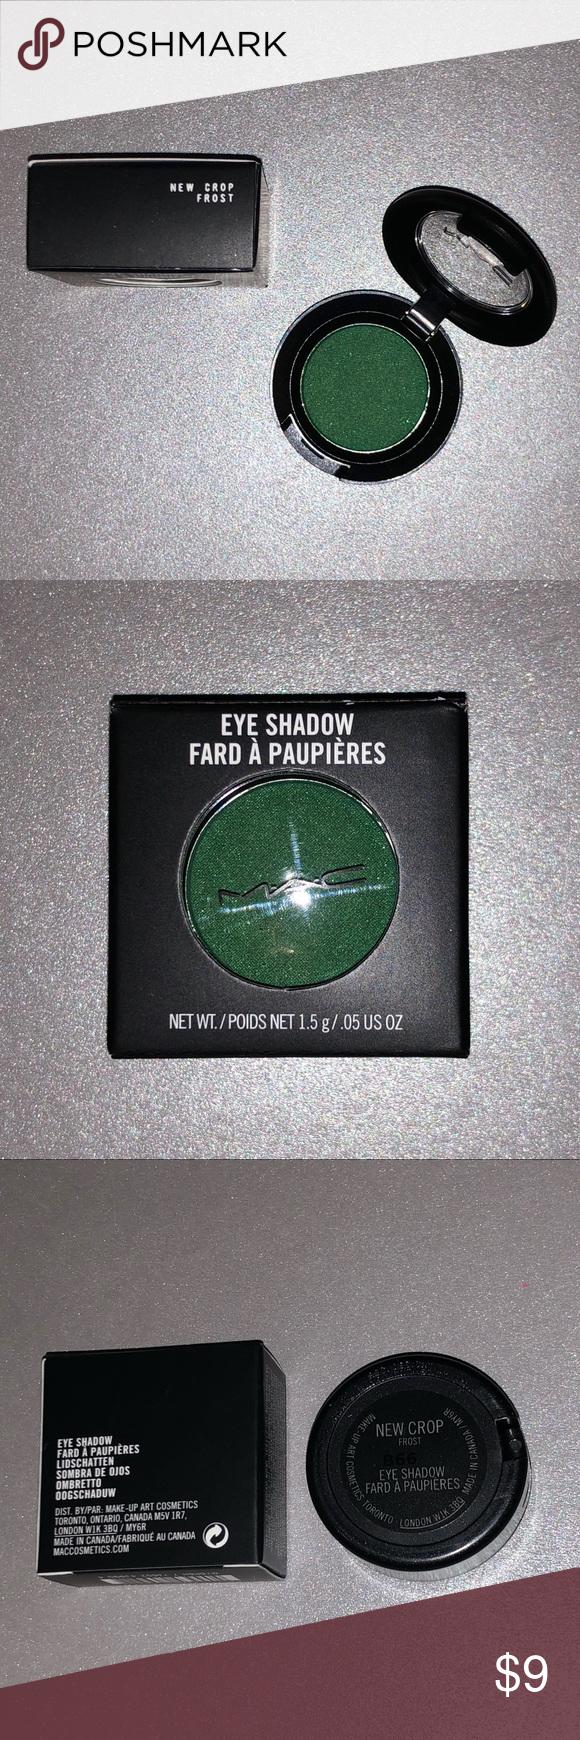 Mac New Crop Eyeshadow Eyeshadow Mac Cosmetics Green Cosmetics